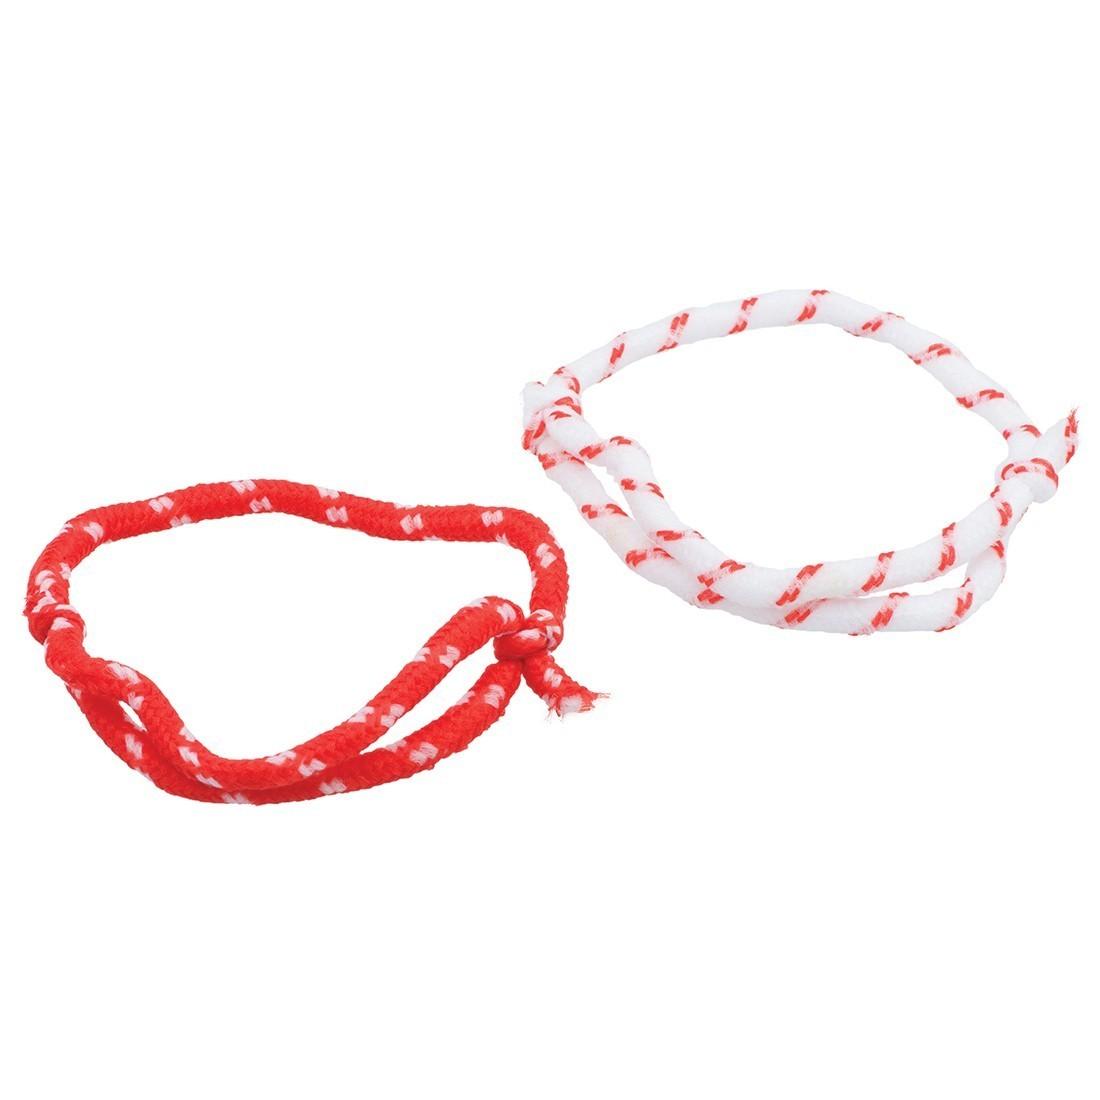 Canadian Adjustable Bracelets [image]